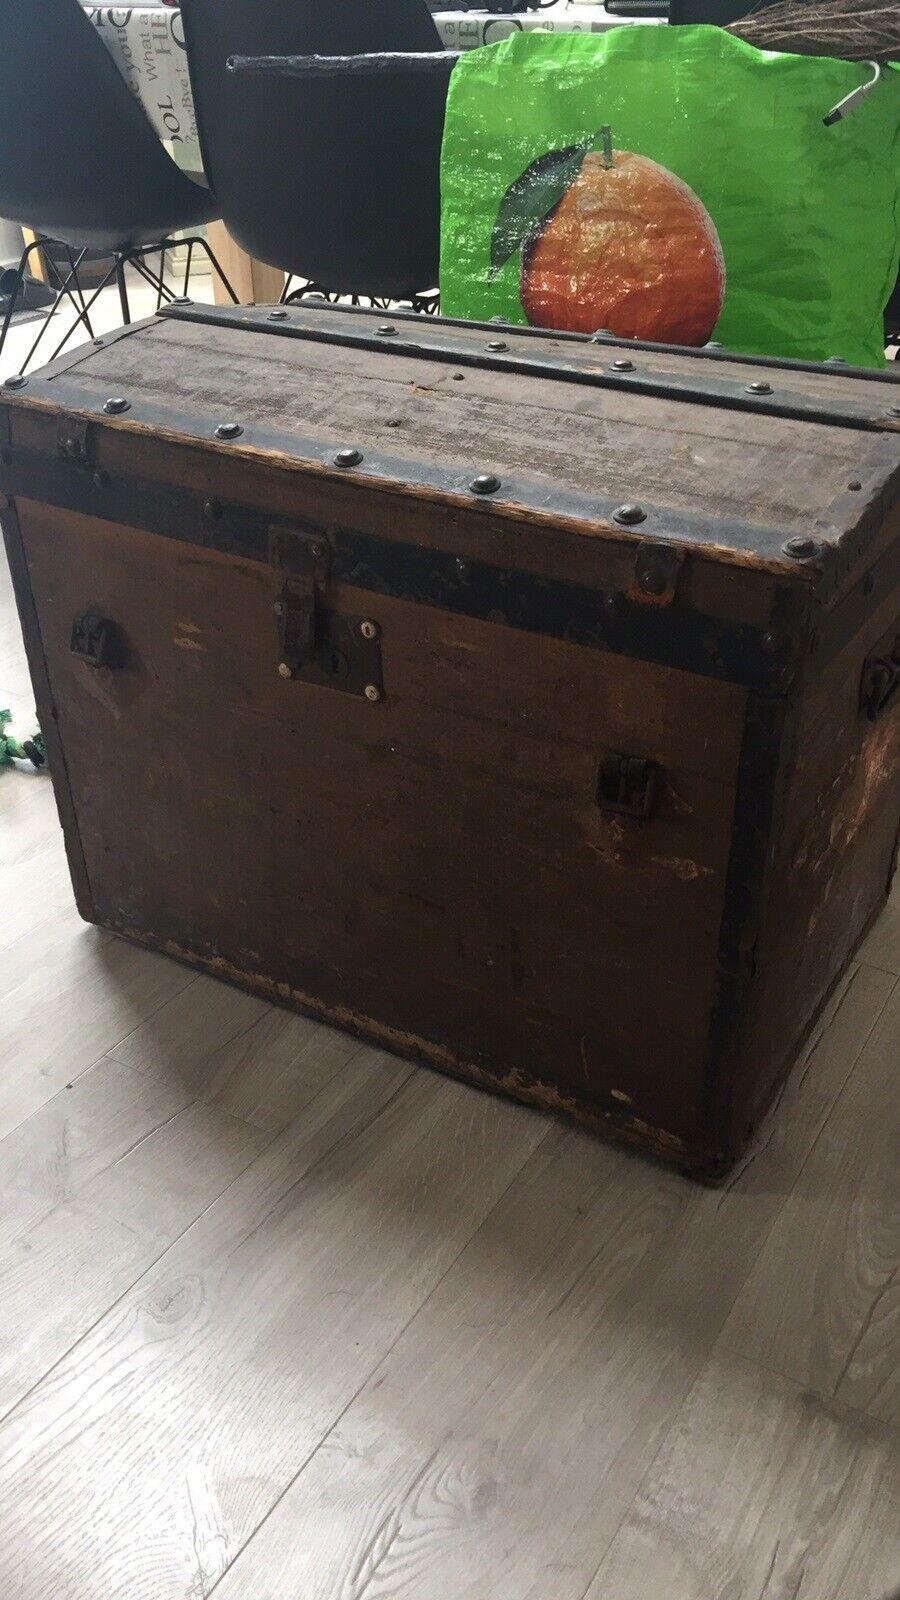 Picture of: Gammel Kuffert Kiste Dba Dk Kob Og Salg Af Nyt Og Brugt